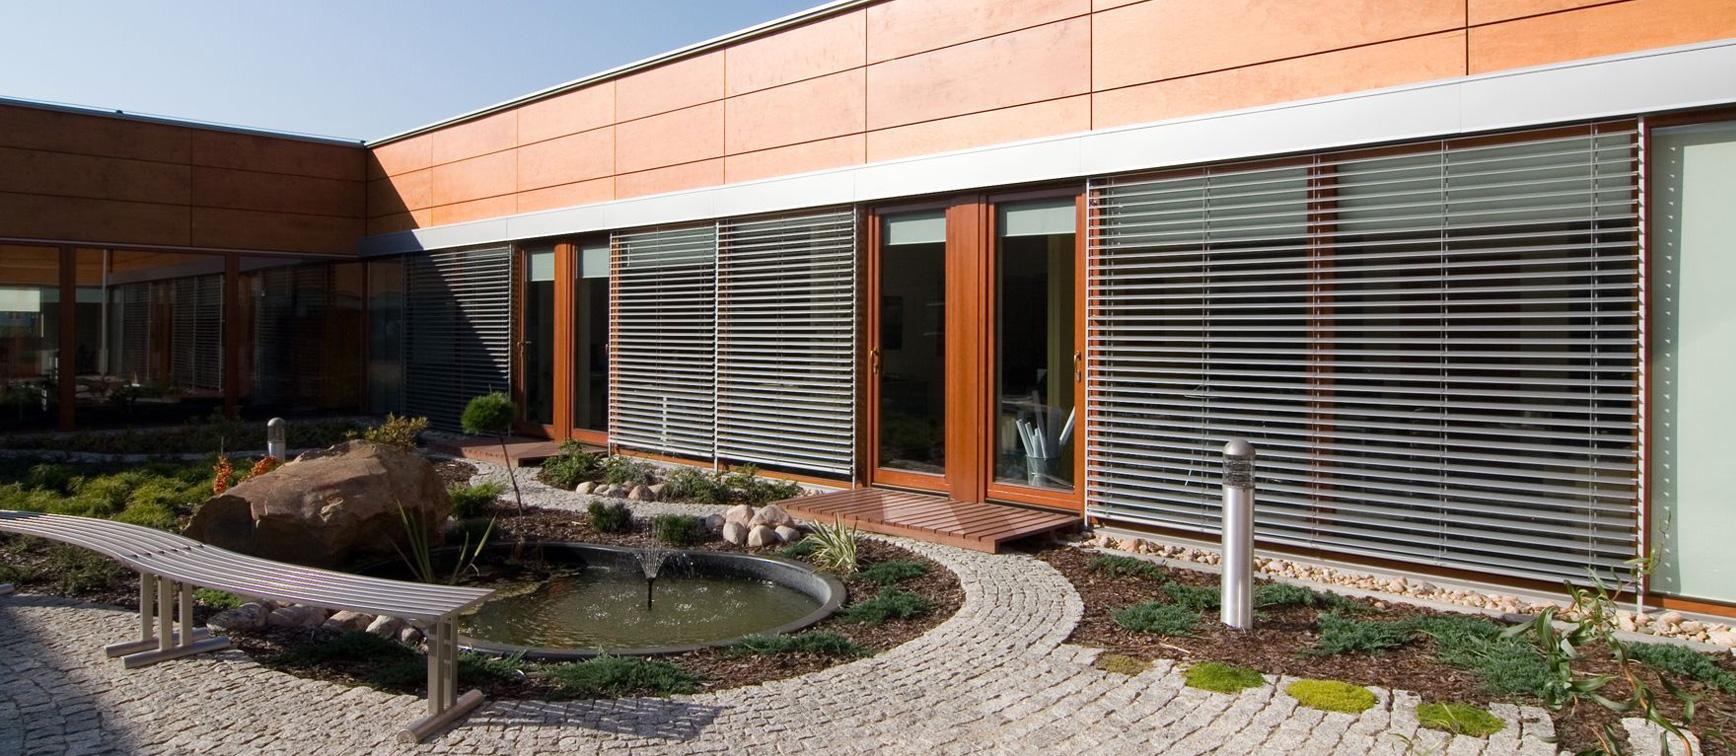 sun-tech - żaluzje fasadowe, żaluzje zewnętrzne - Łódź